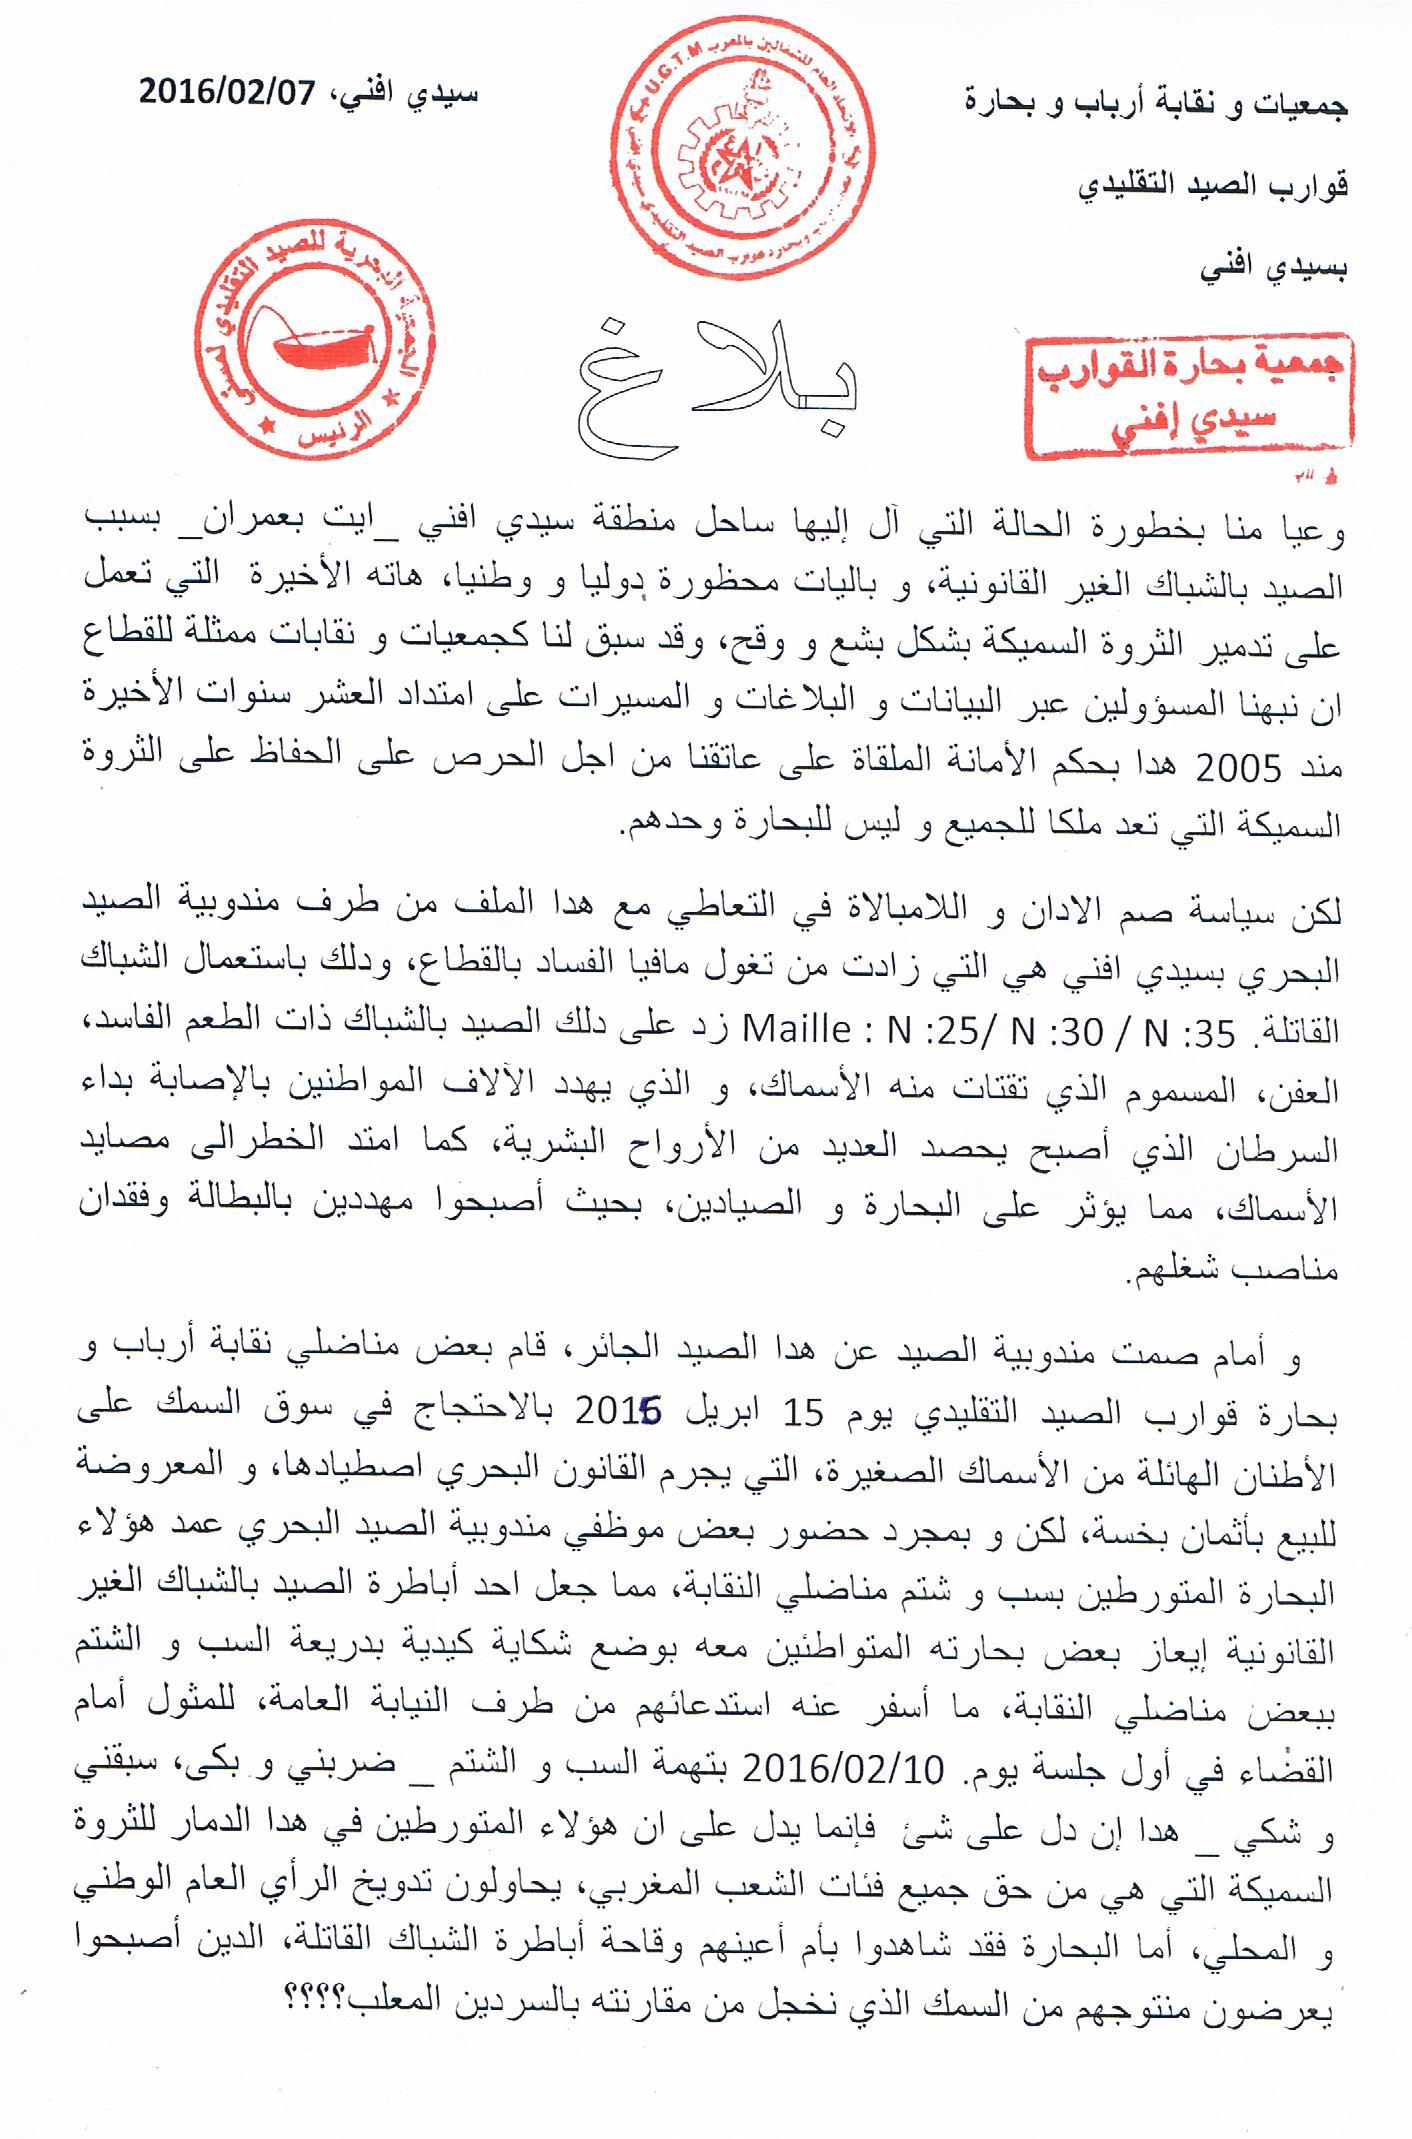 بيان نقابة بحارة القوارب سيدي إفني حول مشكل الشباك الغير القانونية و ملف متابعات عضوين نقابيين